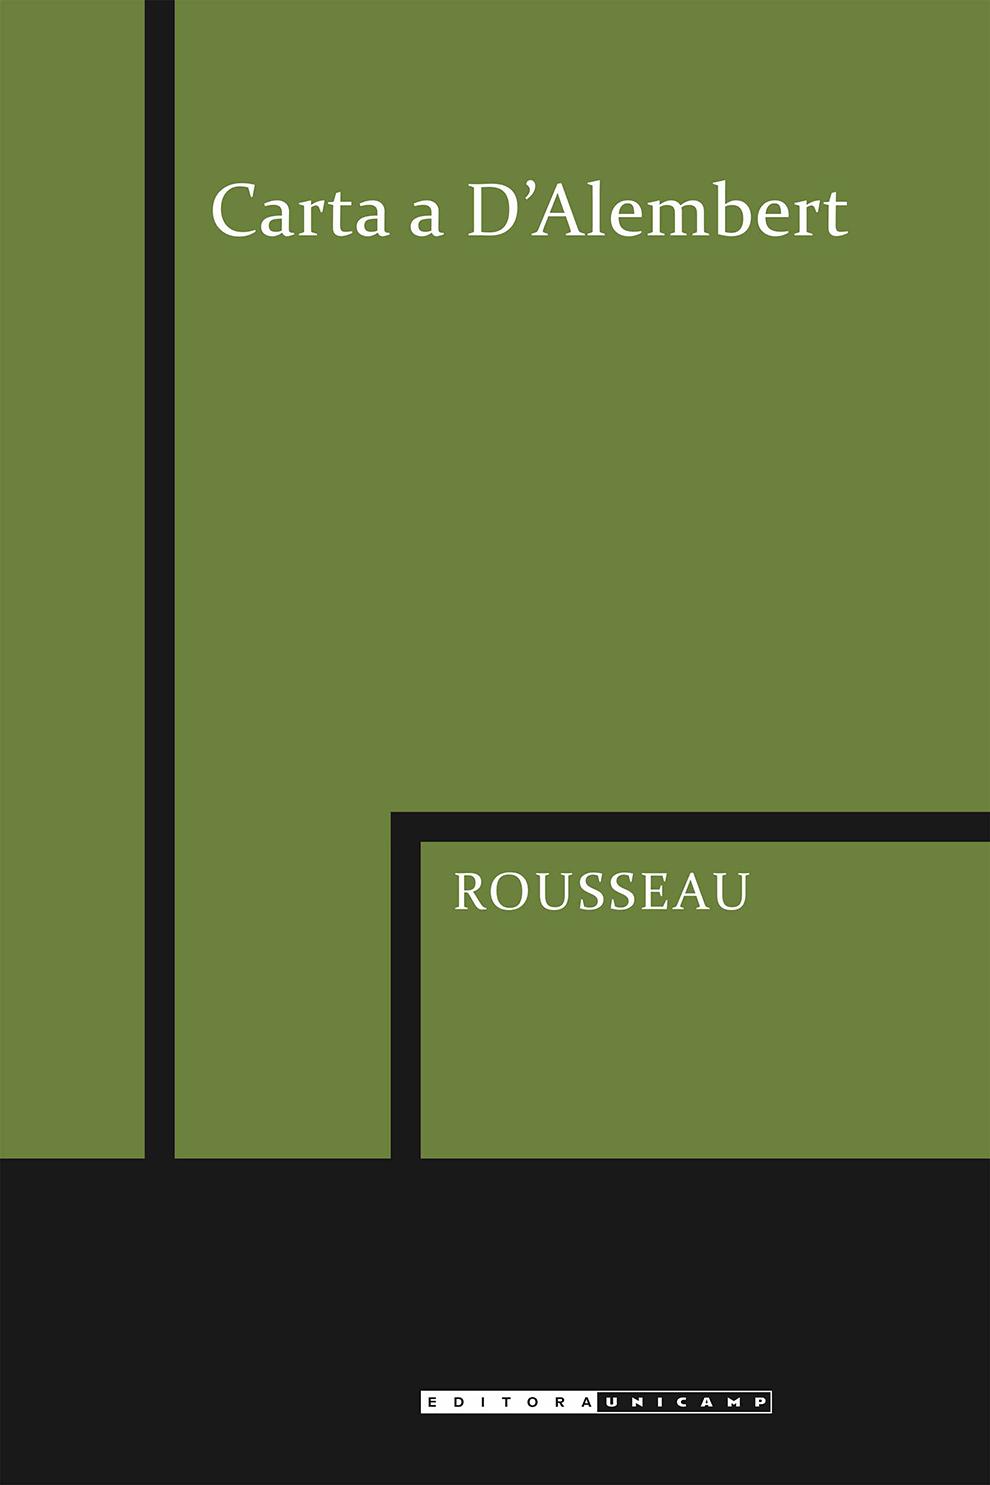 Carta a D'Alembert, livro de Jean-Jacques Rousseau